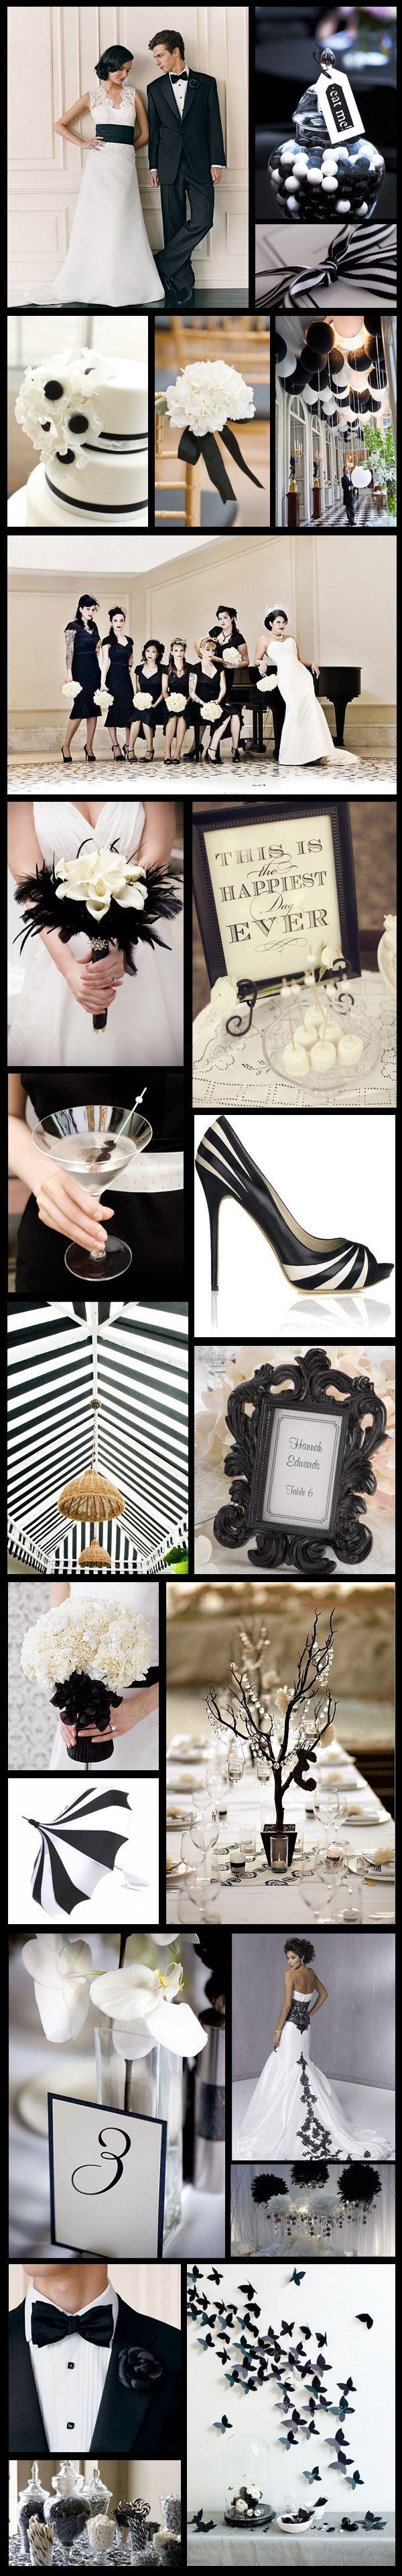 Inspírate con los detalles en blanco y negro para una boda de ensueño